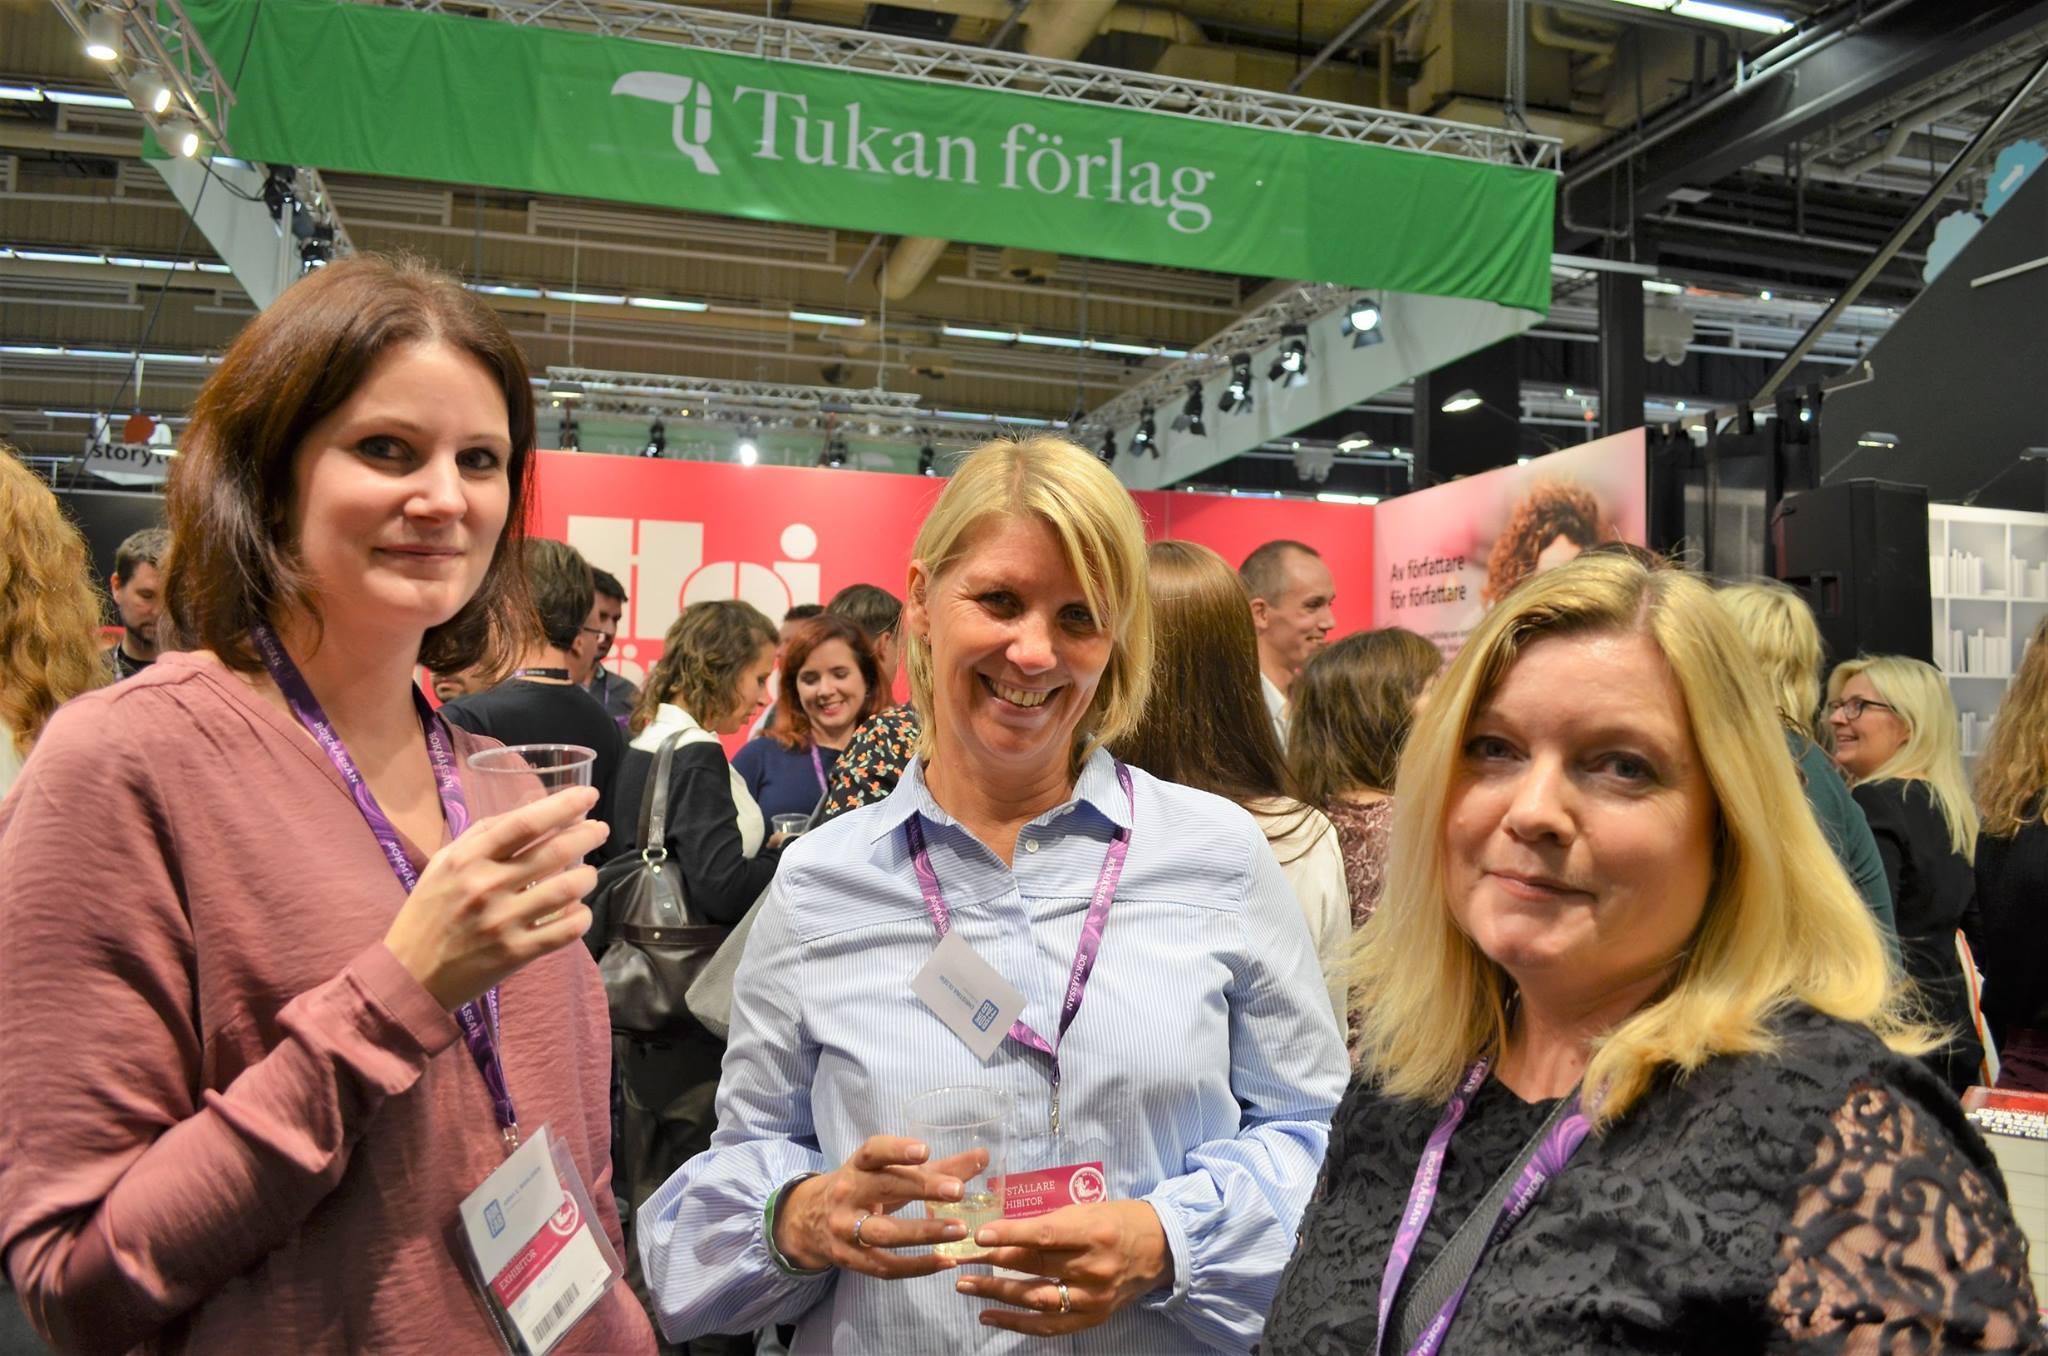 Hoi förlags montermingel, med Anna Wahlgren och Christina Olséni